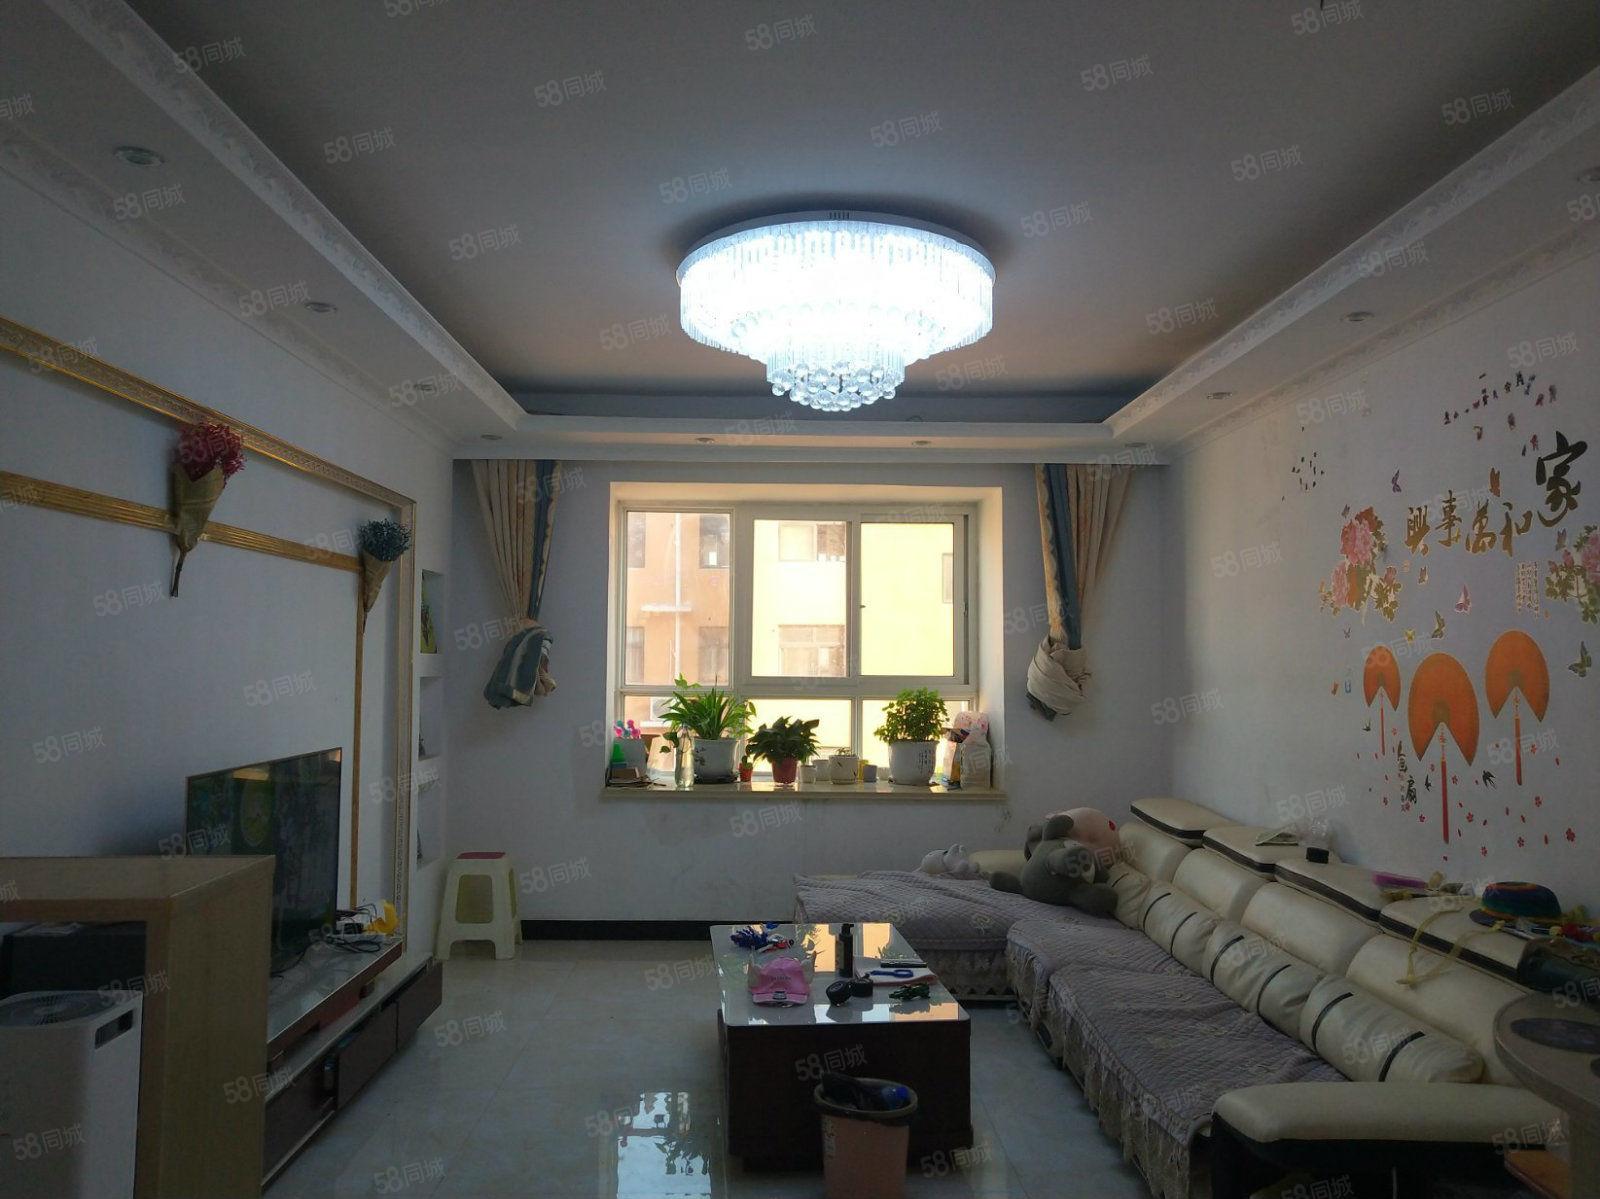 翔宇花园精装小高层洋房满二送家具家电可按揭看房方便